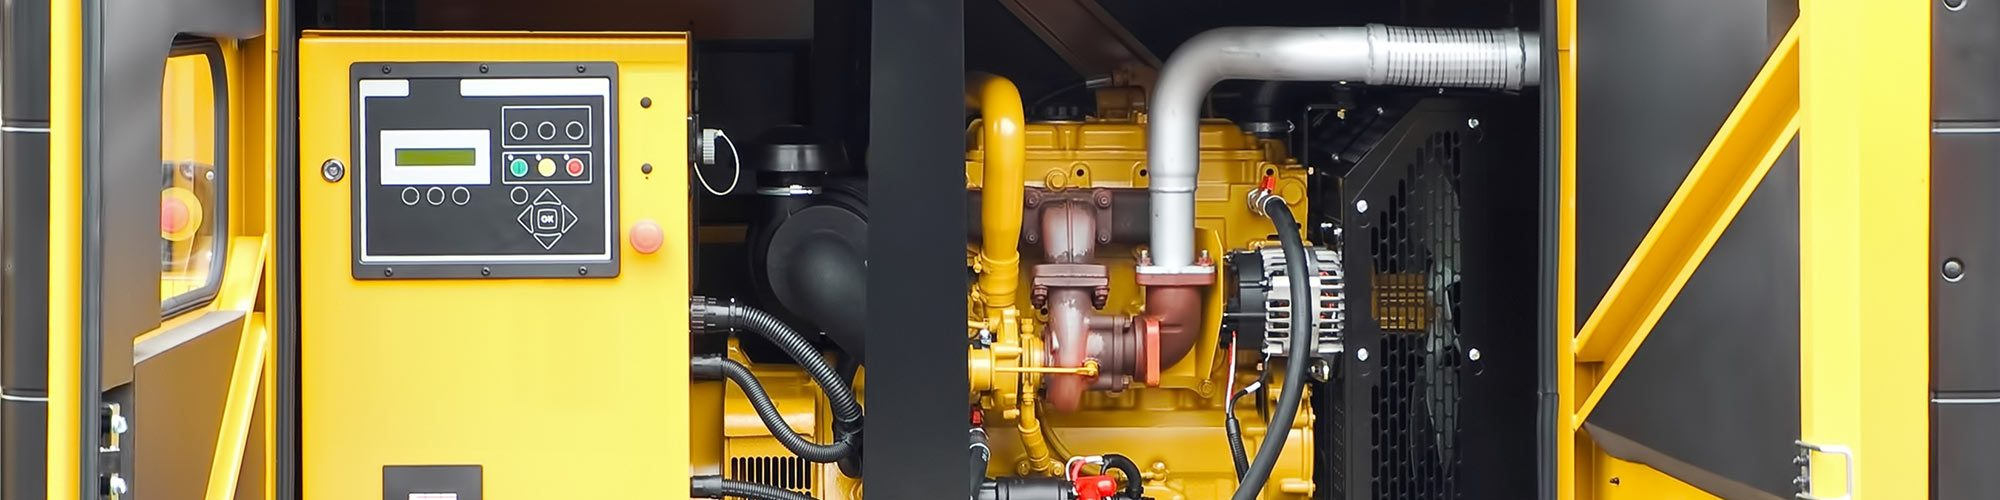 Generadores eléctricos móviles - incorporados